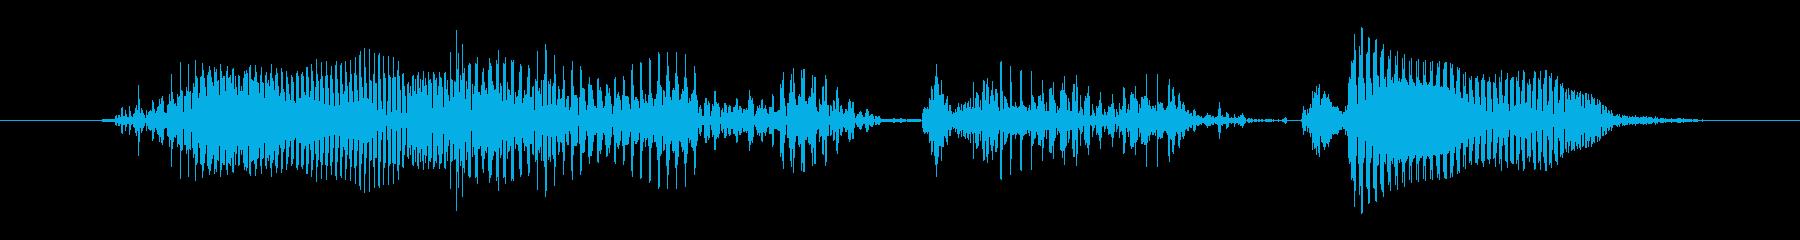 10代男性A:誰と話すかわからないの再生済みの波形